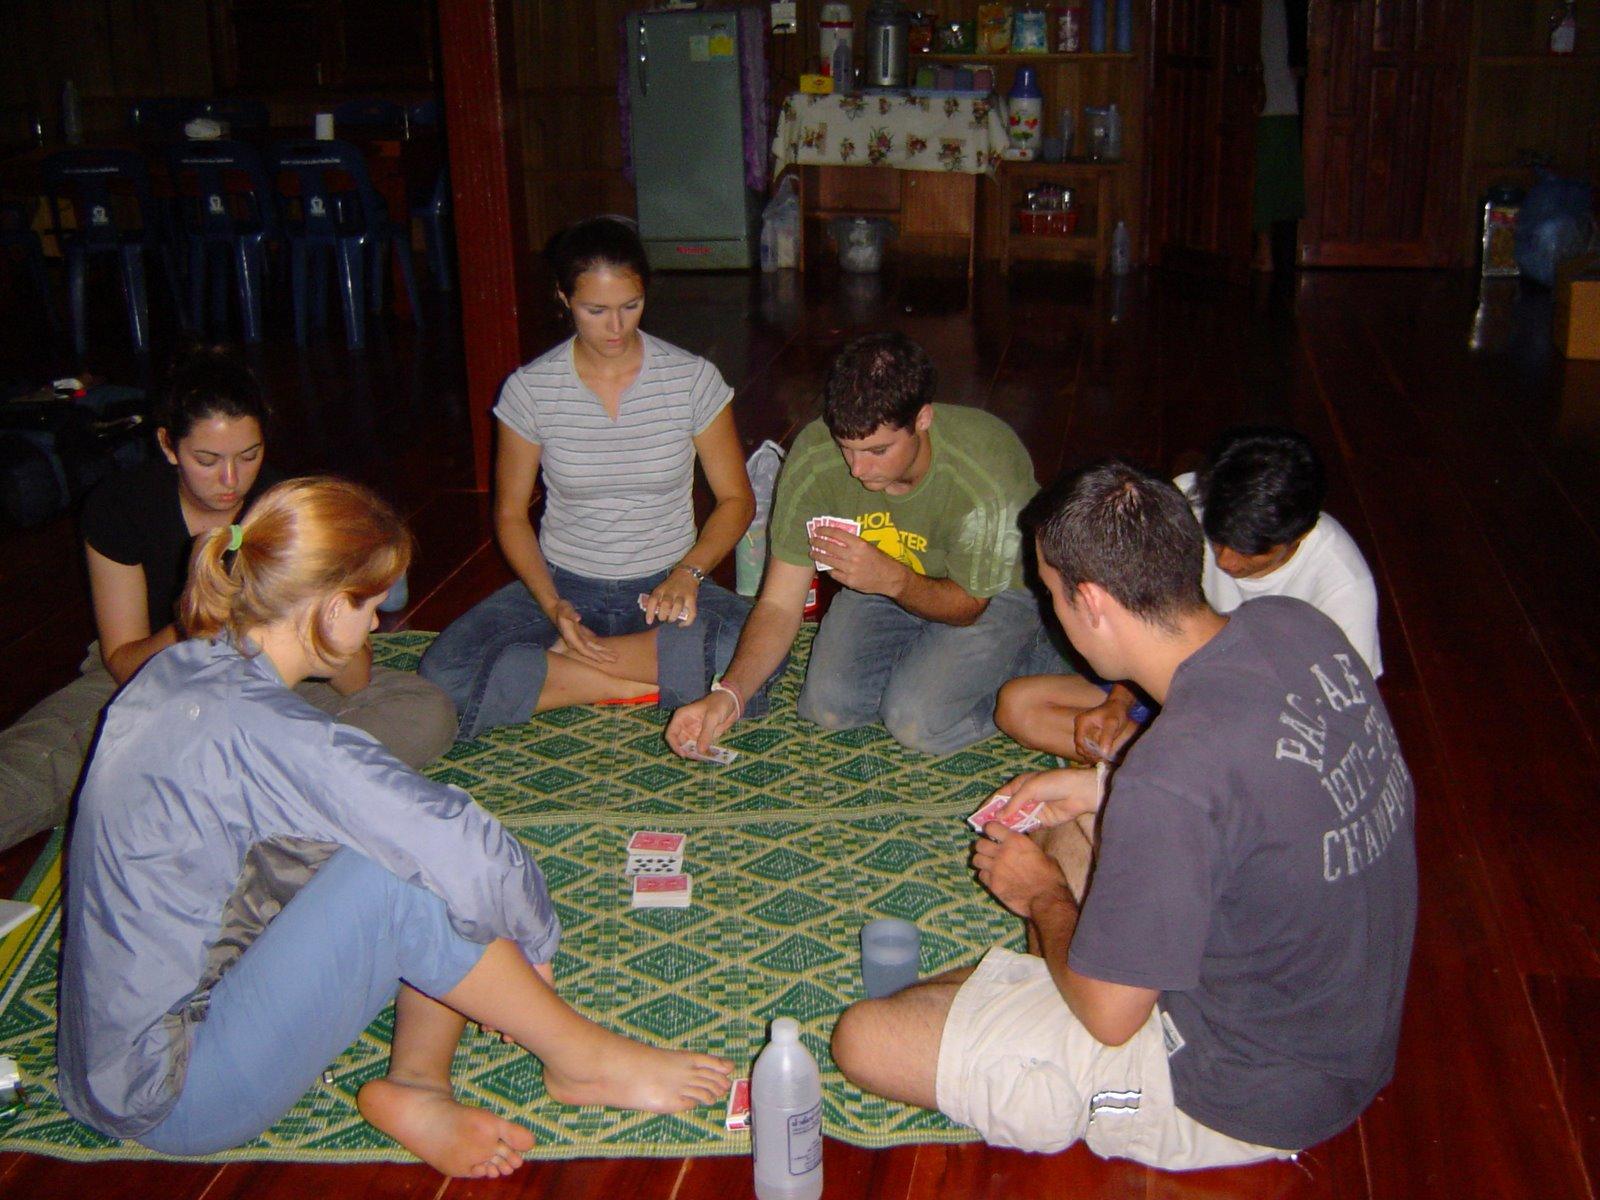 Samli, Thailand '04